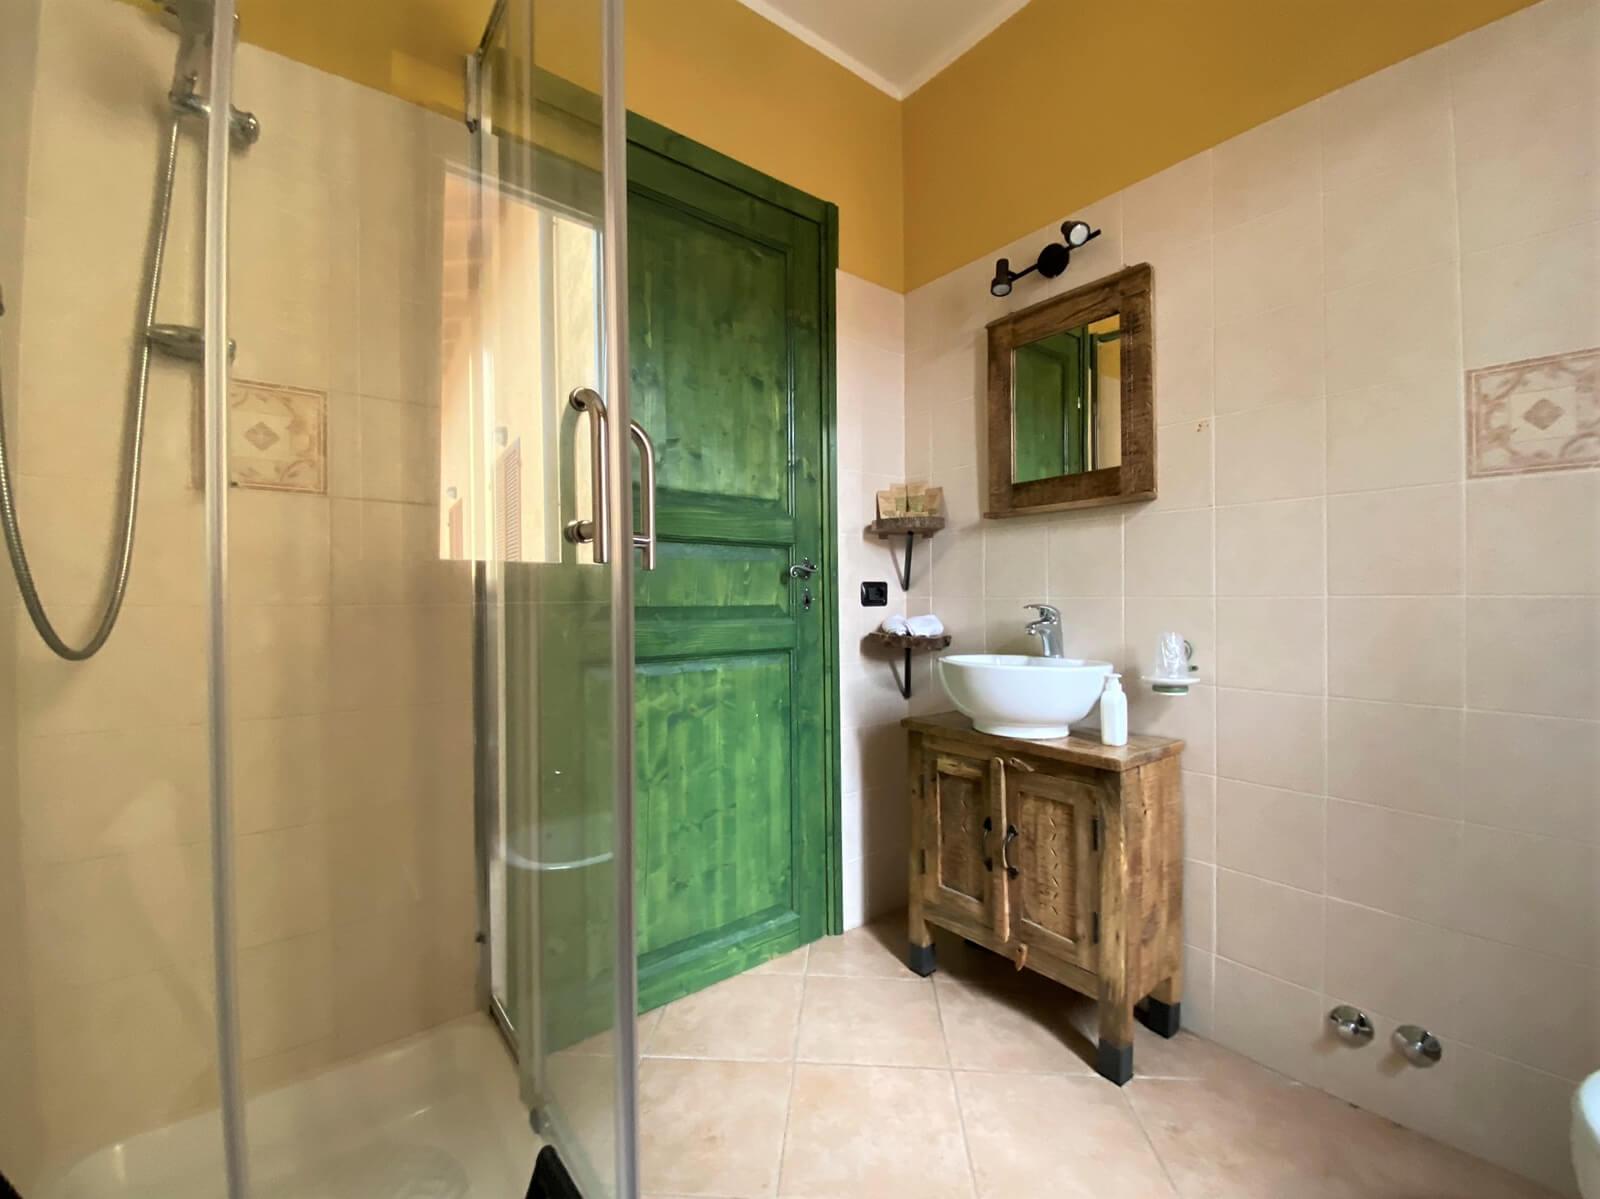 essenza-casa-vacanze-appartamento-affitto-momo-novara-lago-maggiore-13